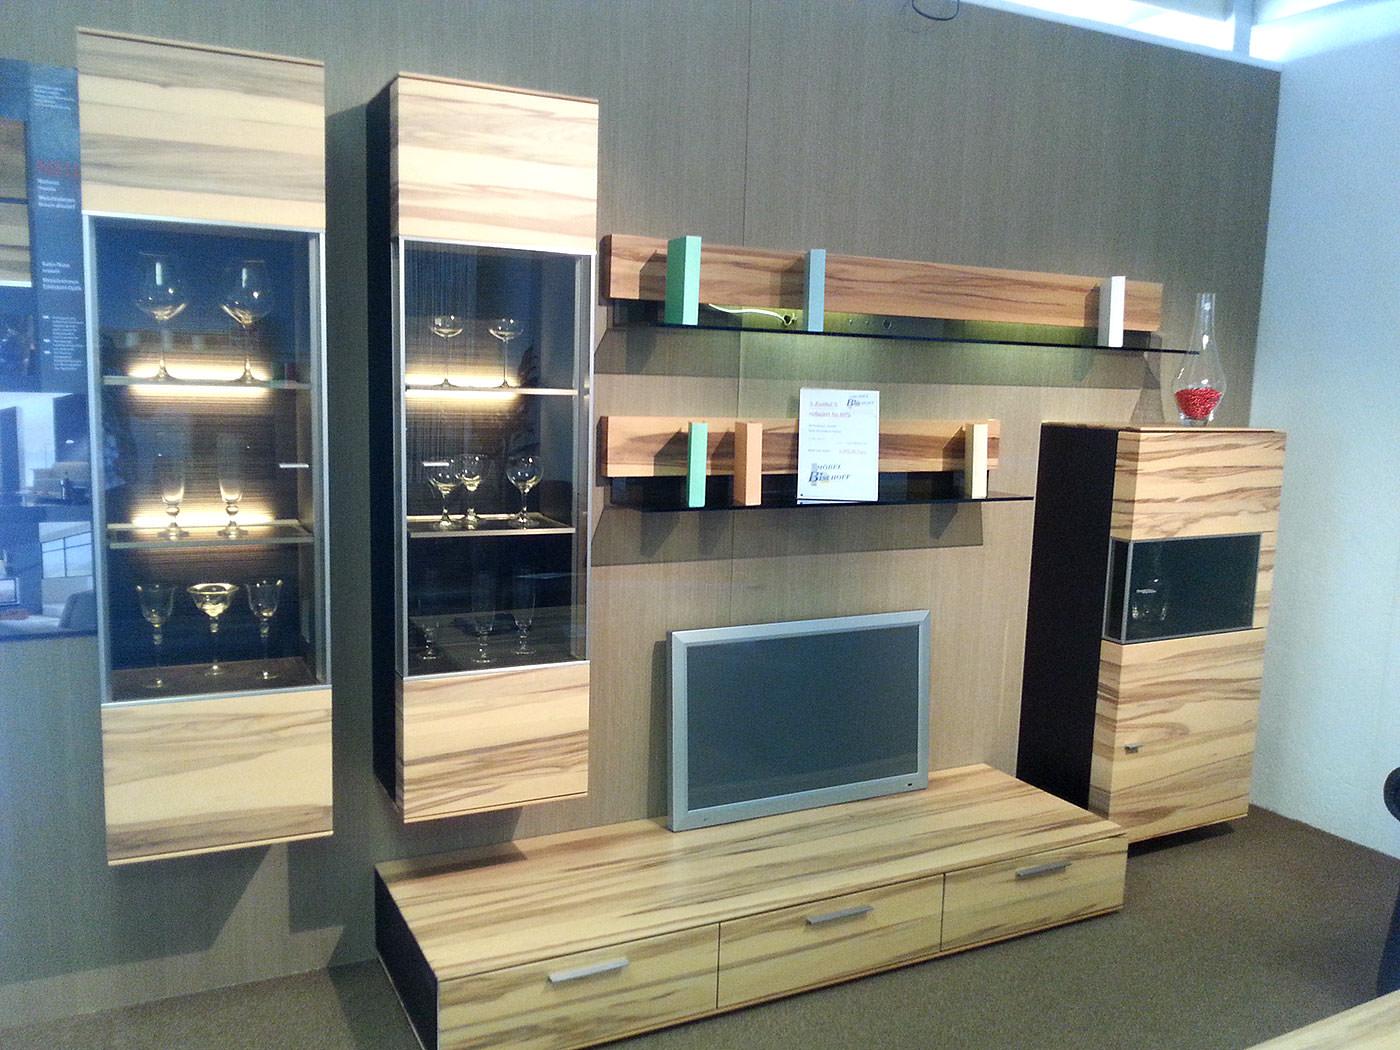 hochwertige m bel zum kleinen preis. Black Bedroom Furniture Sets. Home Design Ideas